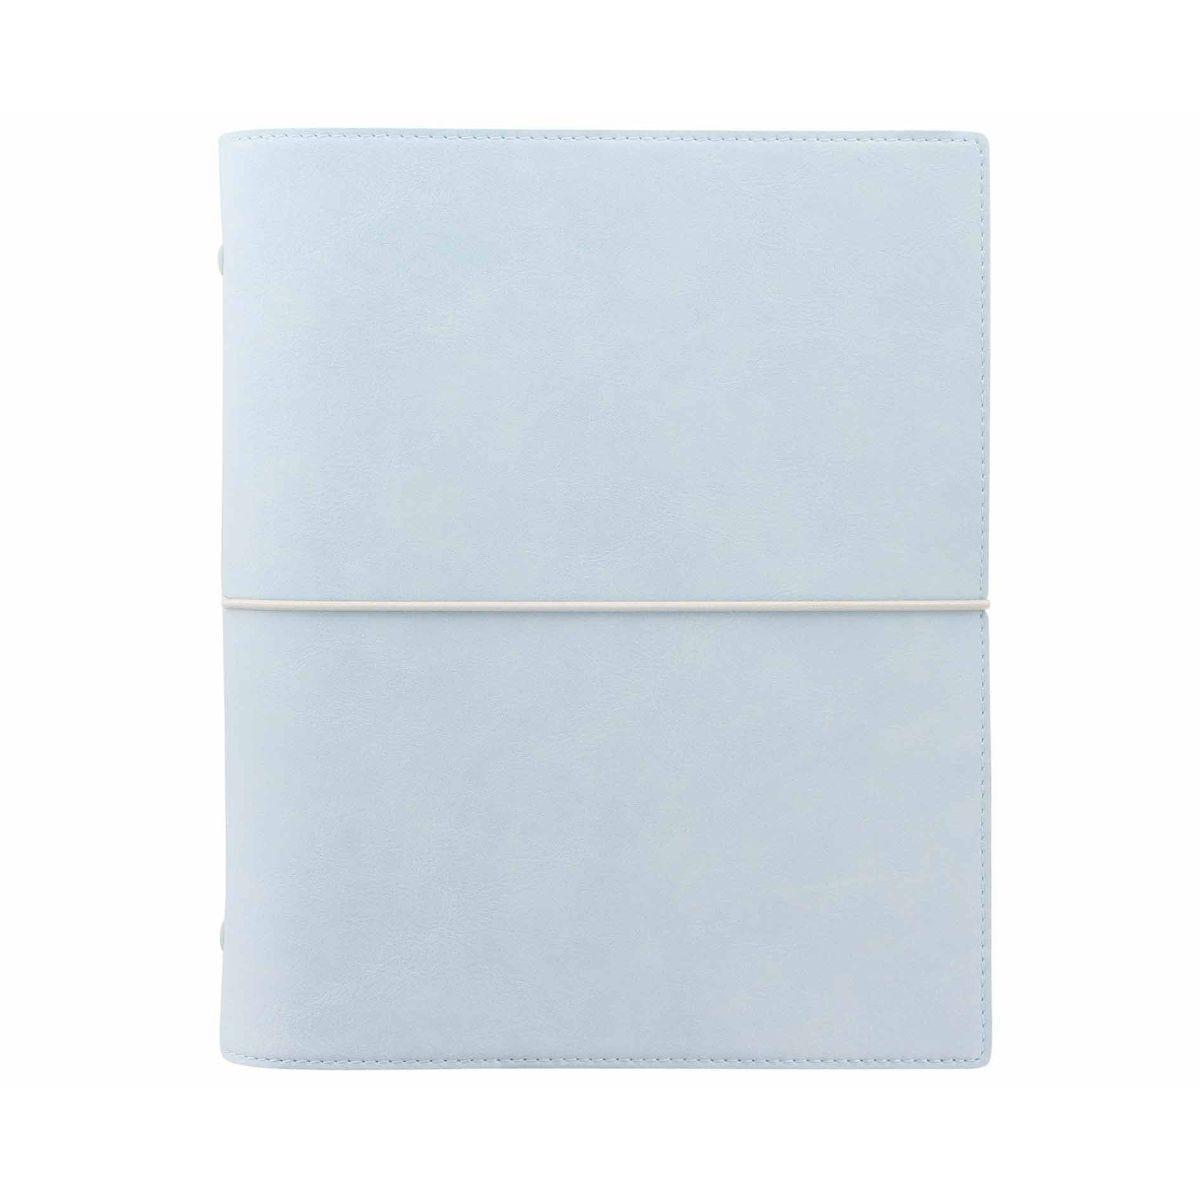 Filofax Personal Domino Organiser A5 Soft Blue